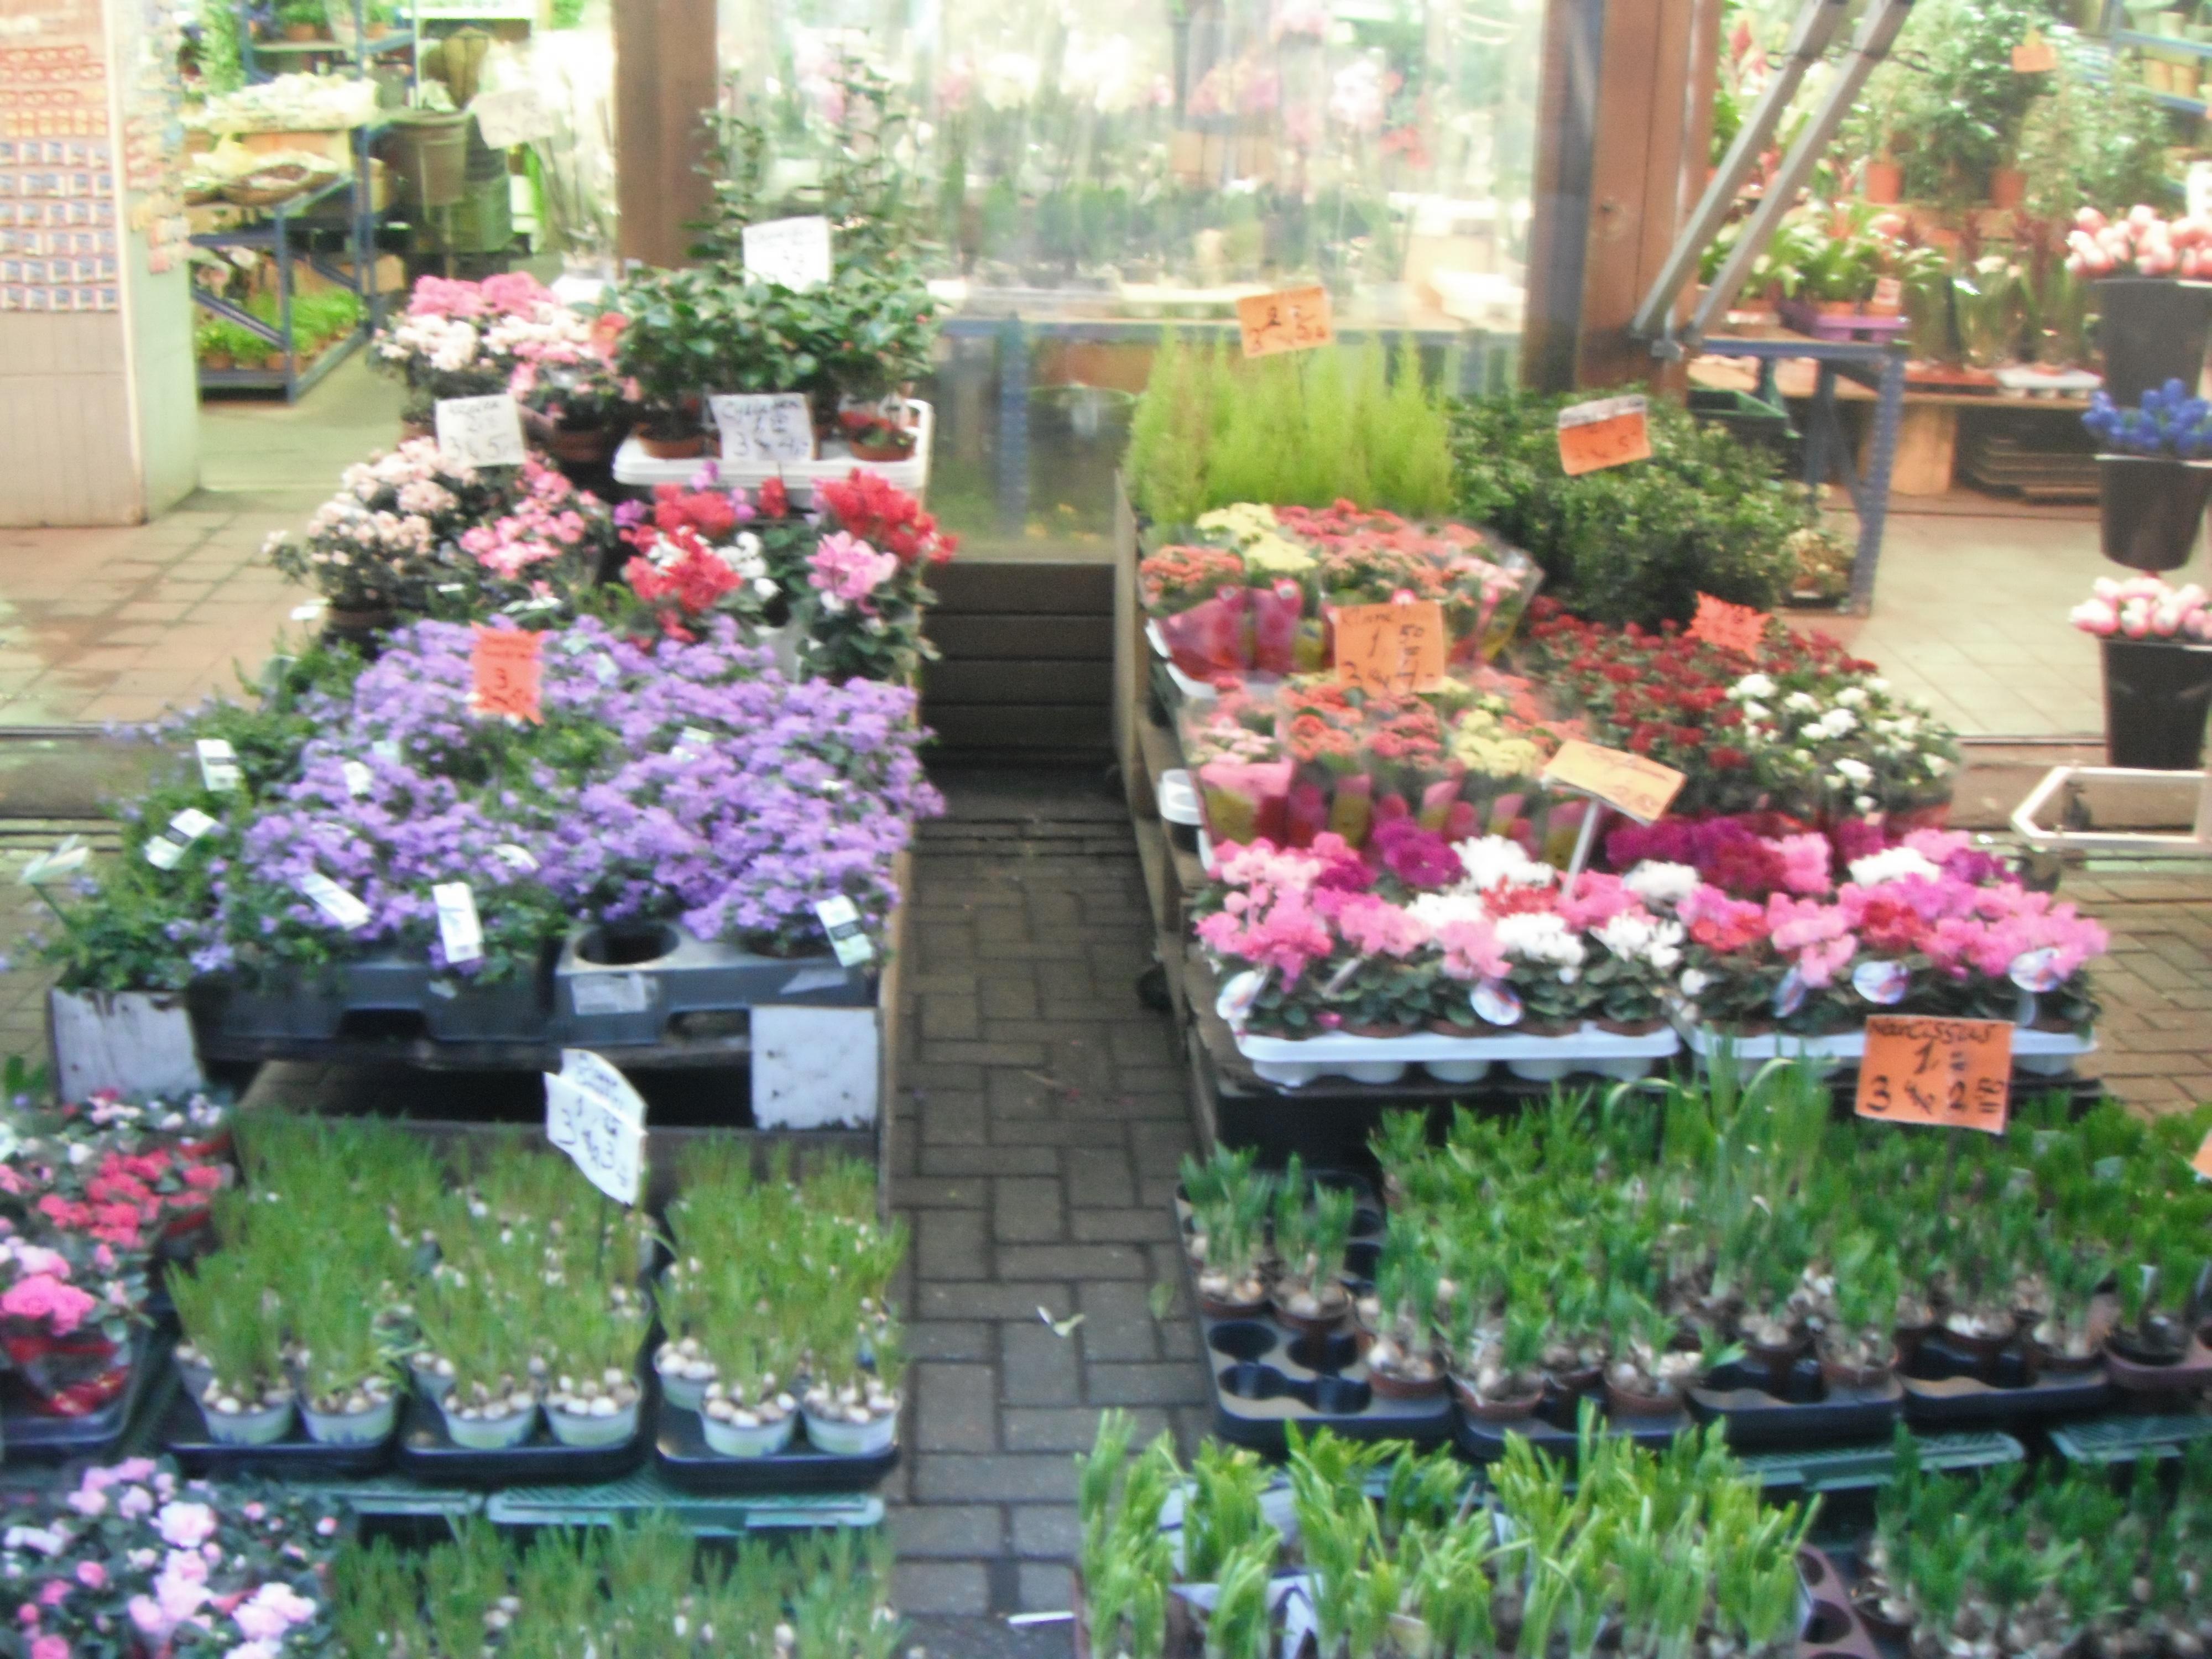 Амстердам Цветочный рынок 01.03.2012